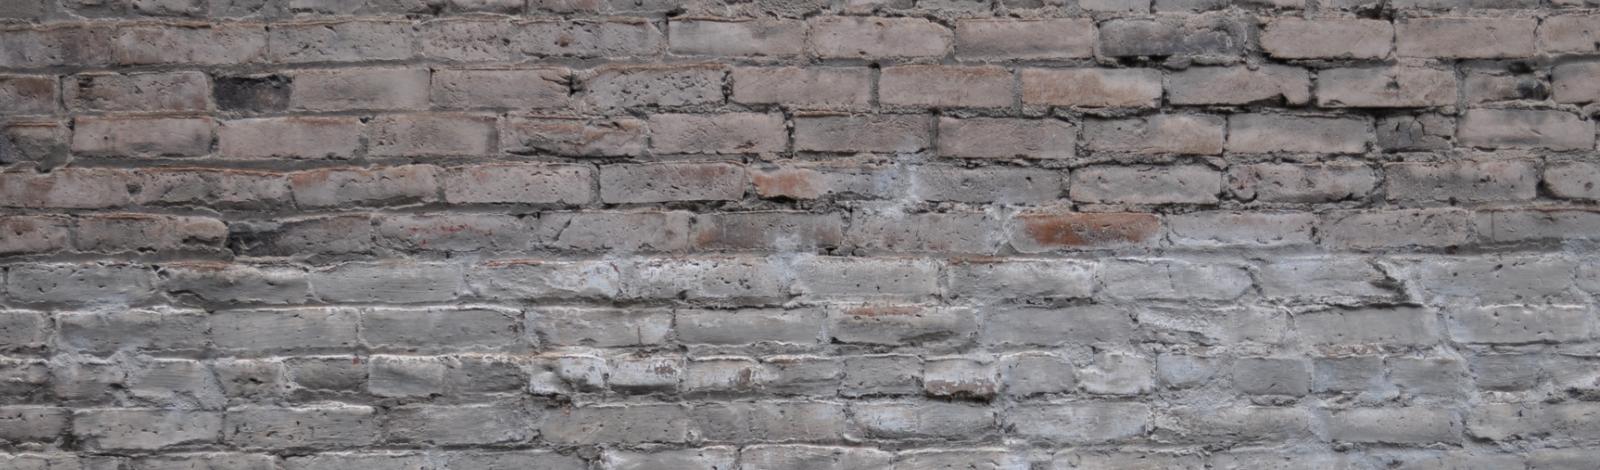 Bricks-1600×470